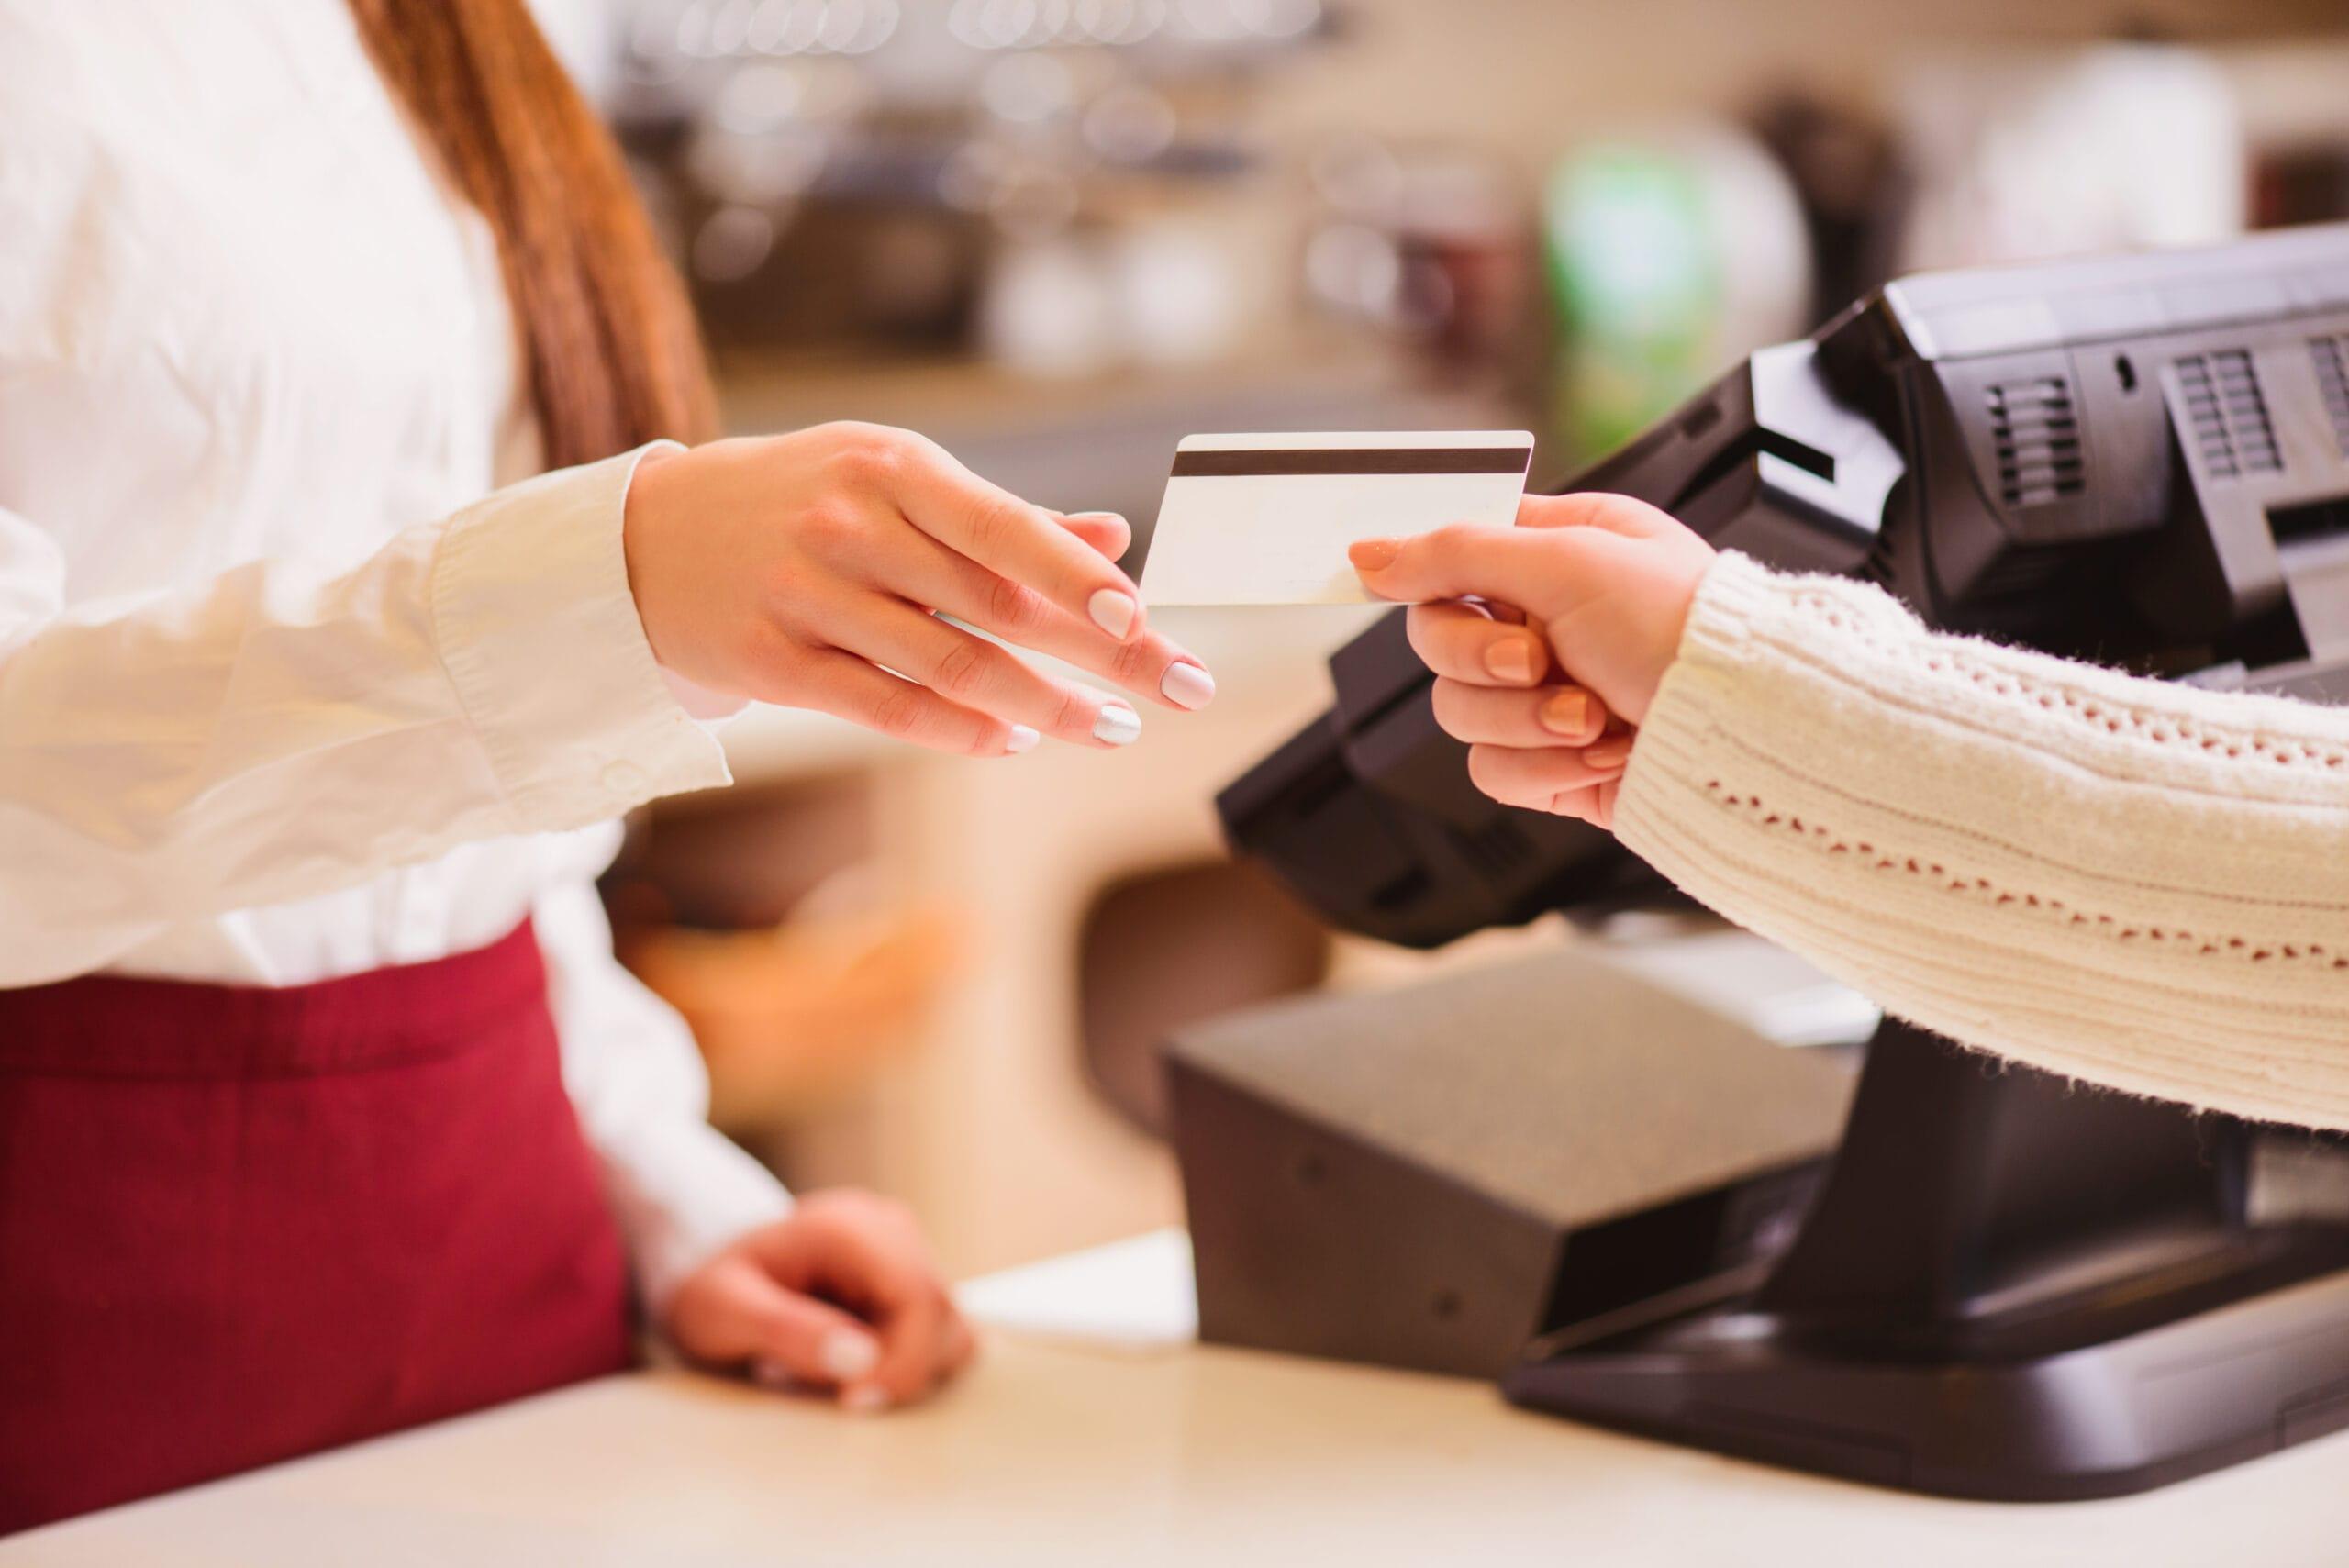 Steuerliche Kassenführung: So vermeiden Sie Strafen trotz fehlender TSE